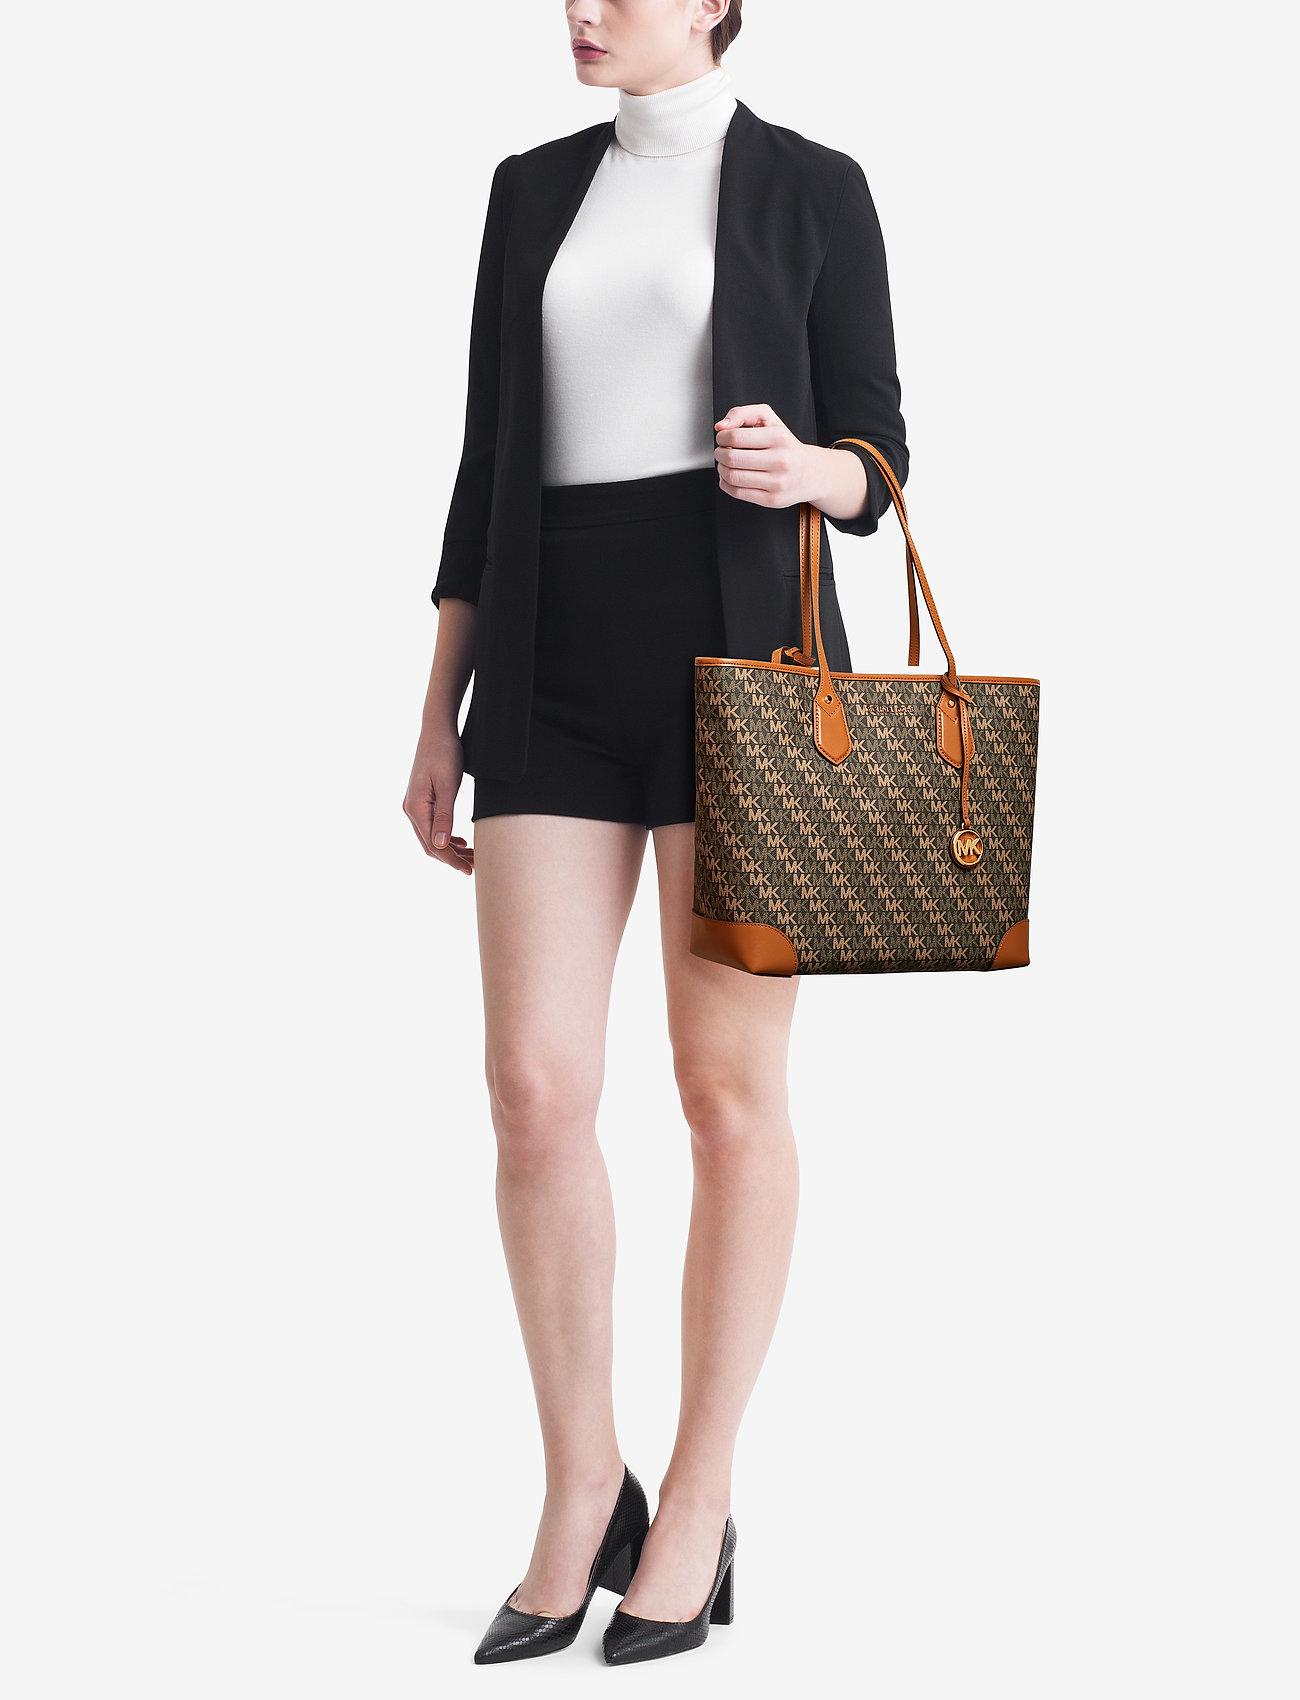 Michael Kors Bags EVA LG TOTE